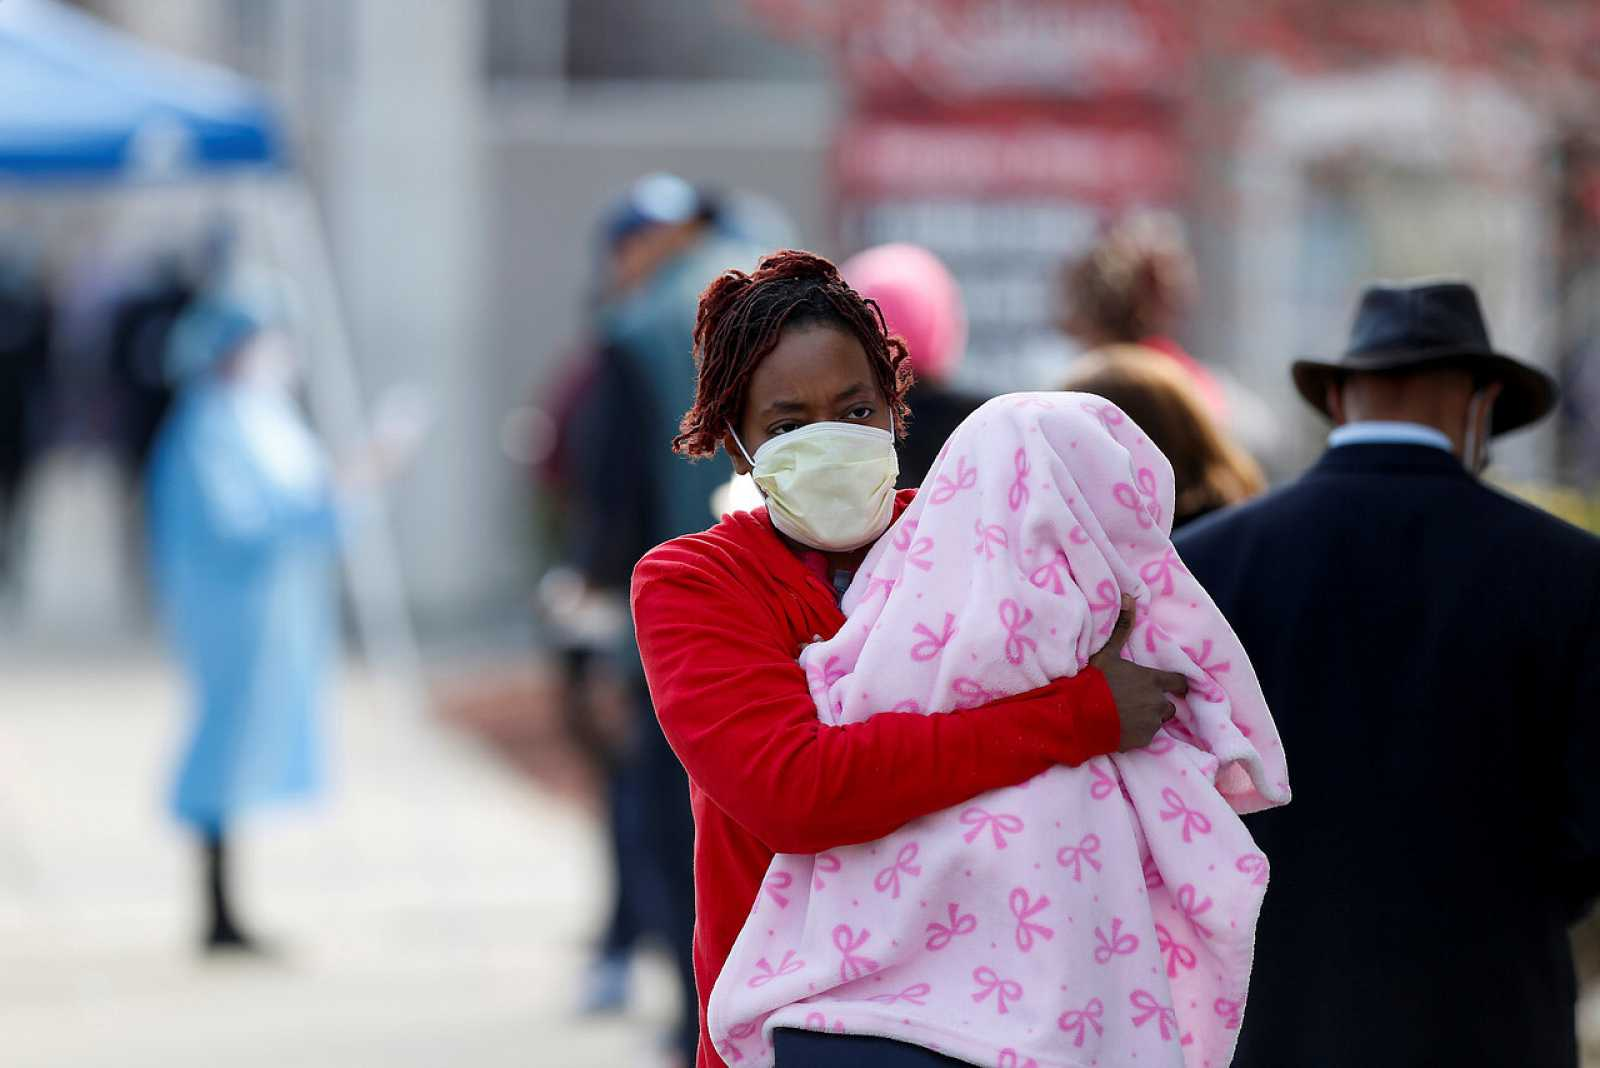 Una mujer con su hija en brazos espera para hacerse la prueba del coronavirus en Chicago